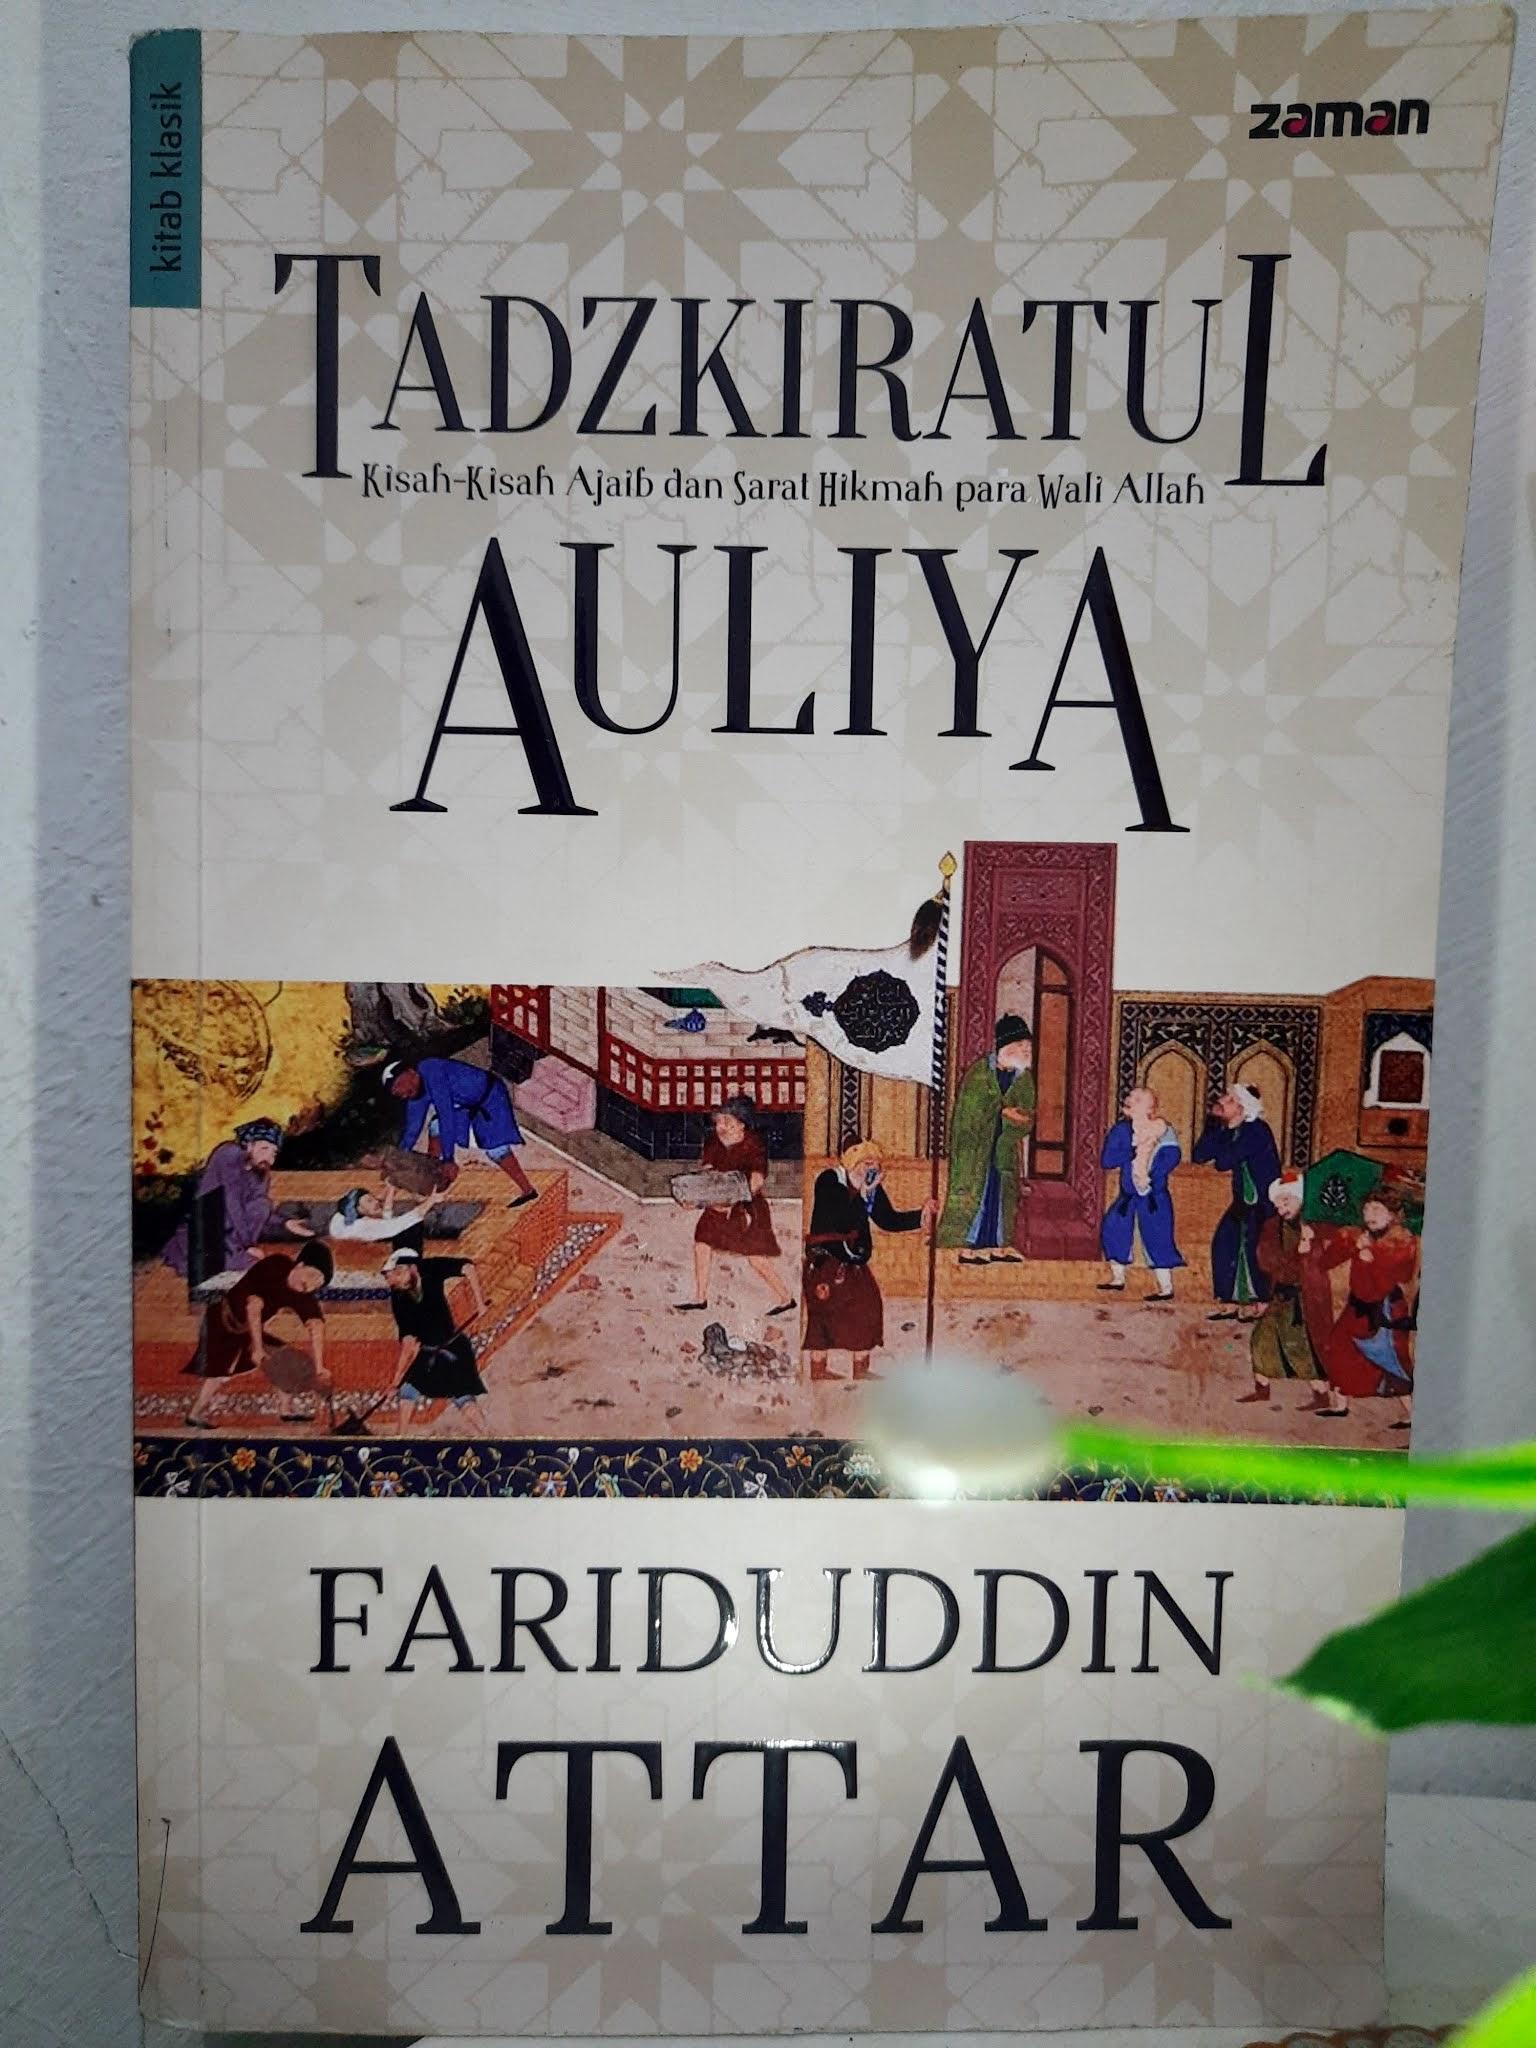 Buku Tadzkiratul Auliya karangan dari Syaikh Fariduddin Attar yaitu buku klasik yang ban Buku Tadzkiratul Auliya